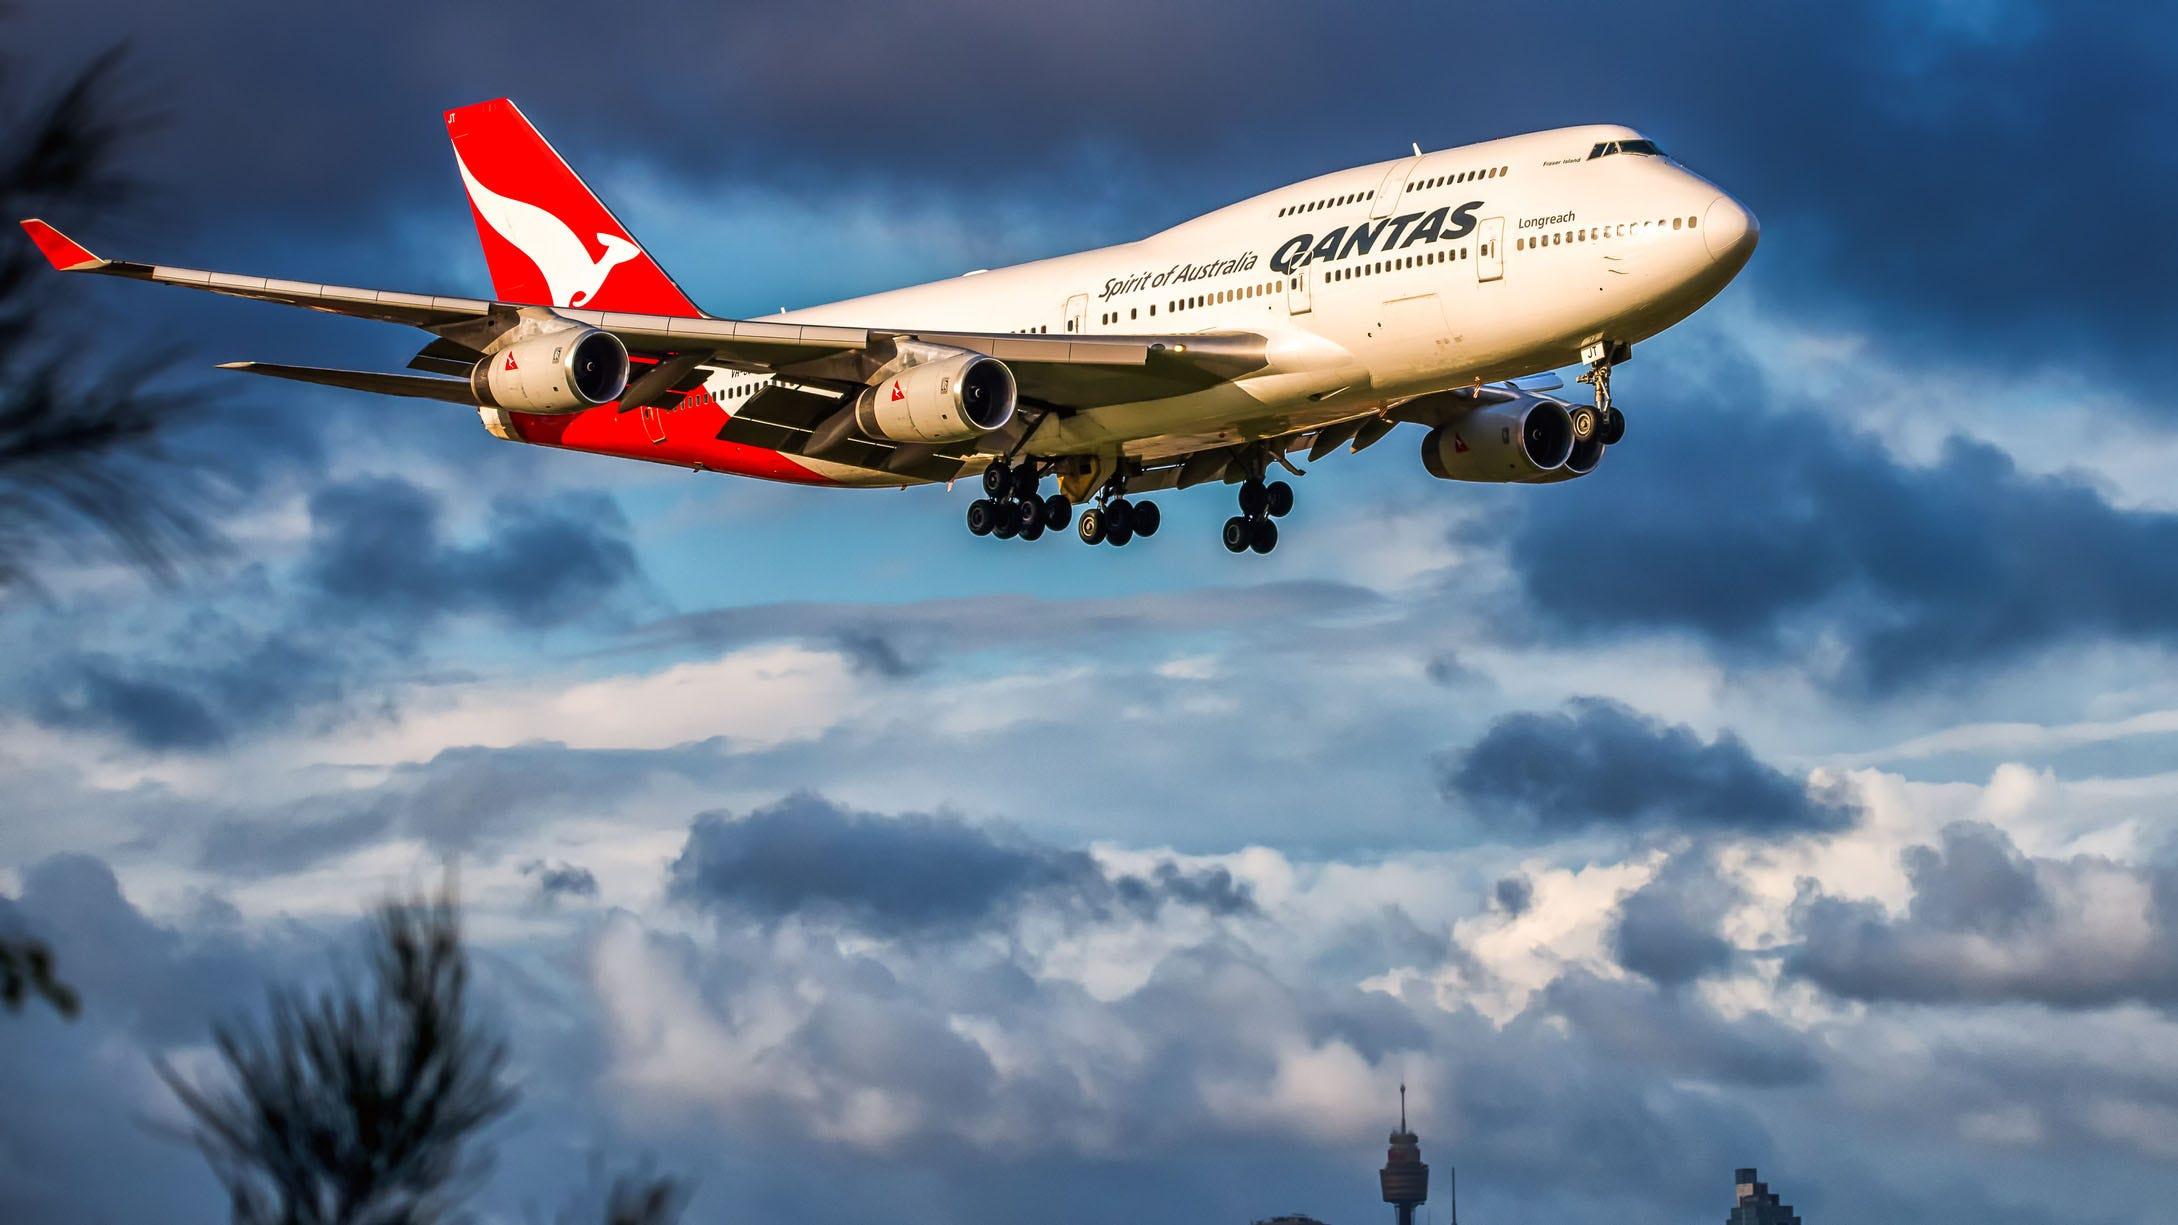 Los pasajeros de Qantas Airways huyen de un avión lleno de humo mientras 'el capitán gritaba evacuar' thumbnail